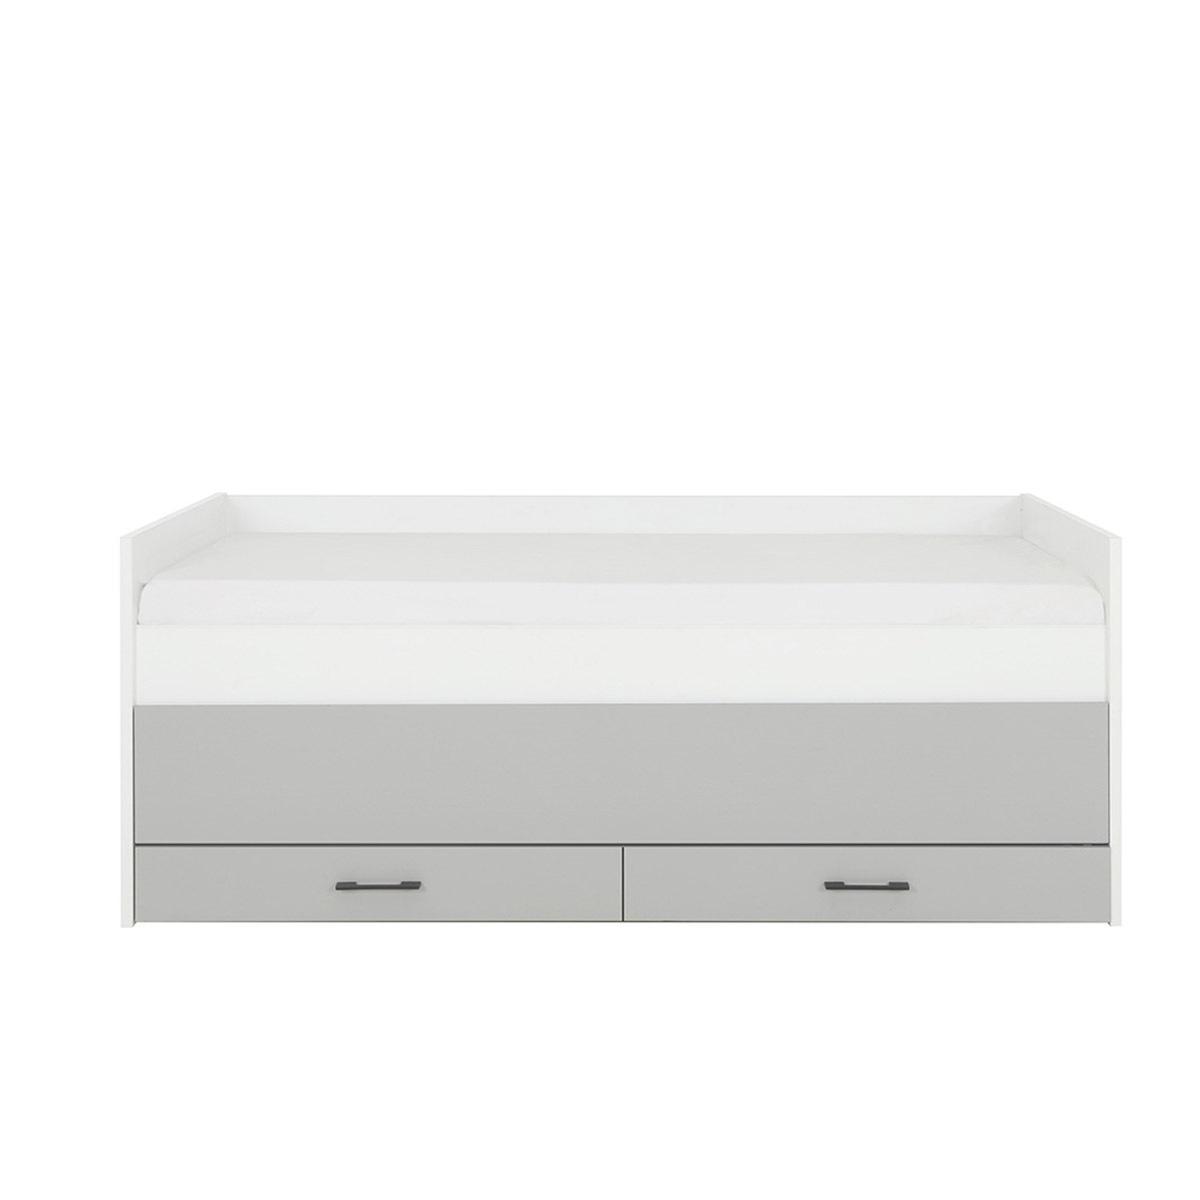 Lit gigogne, rangements Panneaux de bois 90x200 Blanc, gris clair